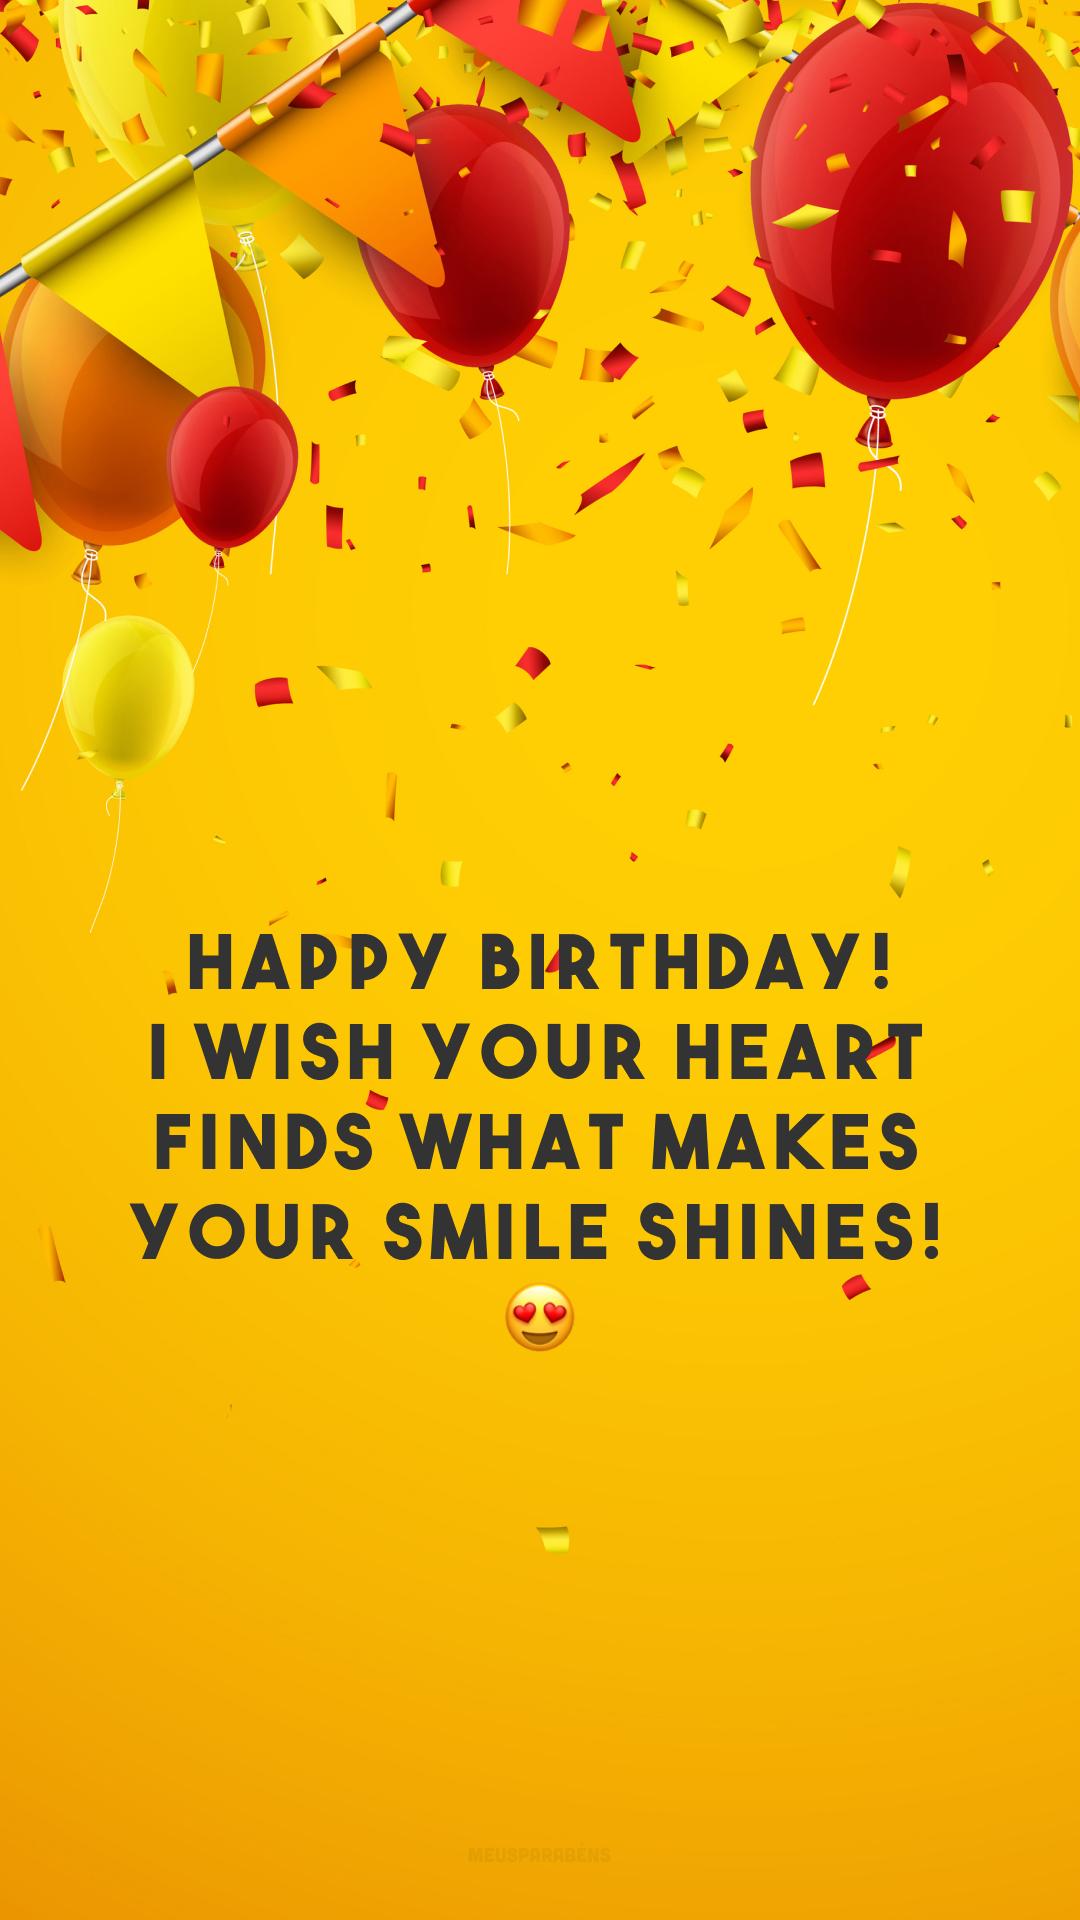 Happy birthday! I wish your heart finds what makes your smile shines! 😍 (Feliz aniversário! Desejo que seu coração encontre o que faz seu sorriso brilhar!)